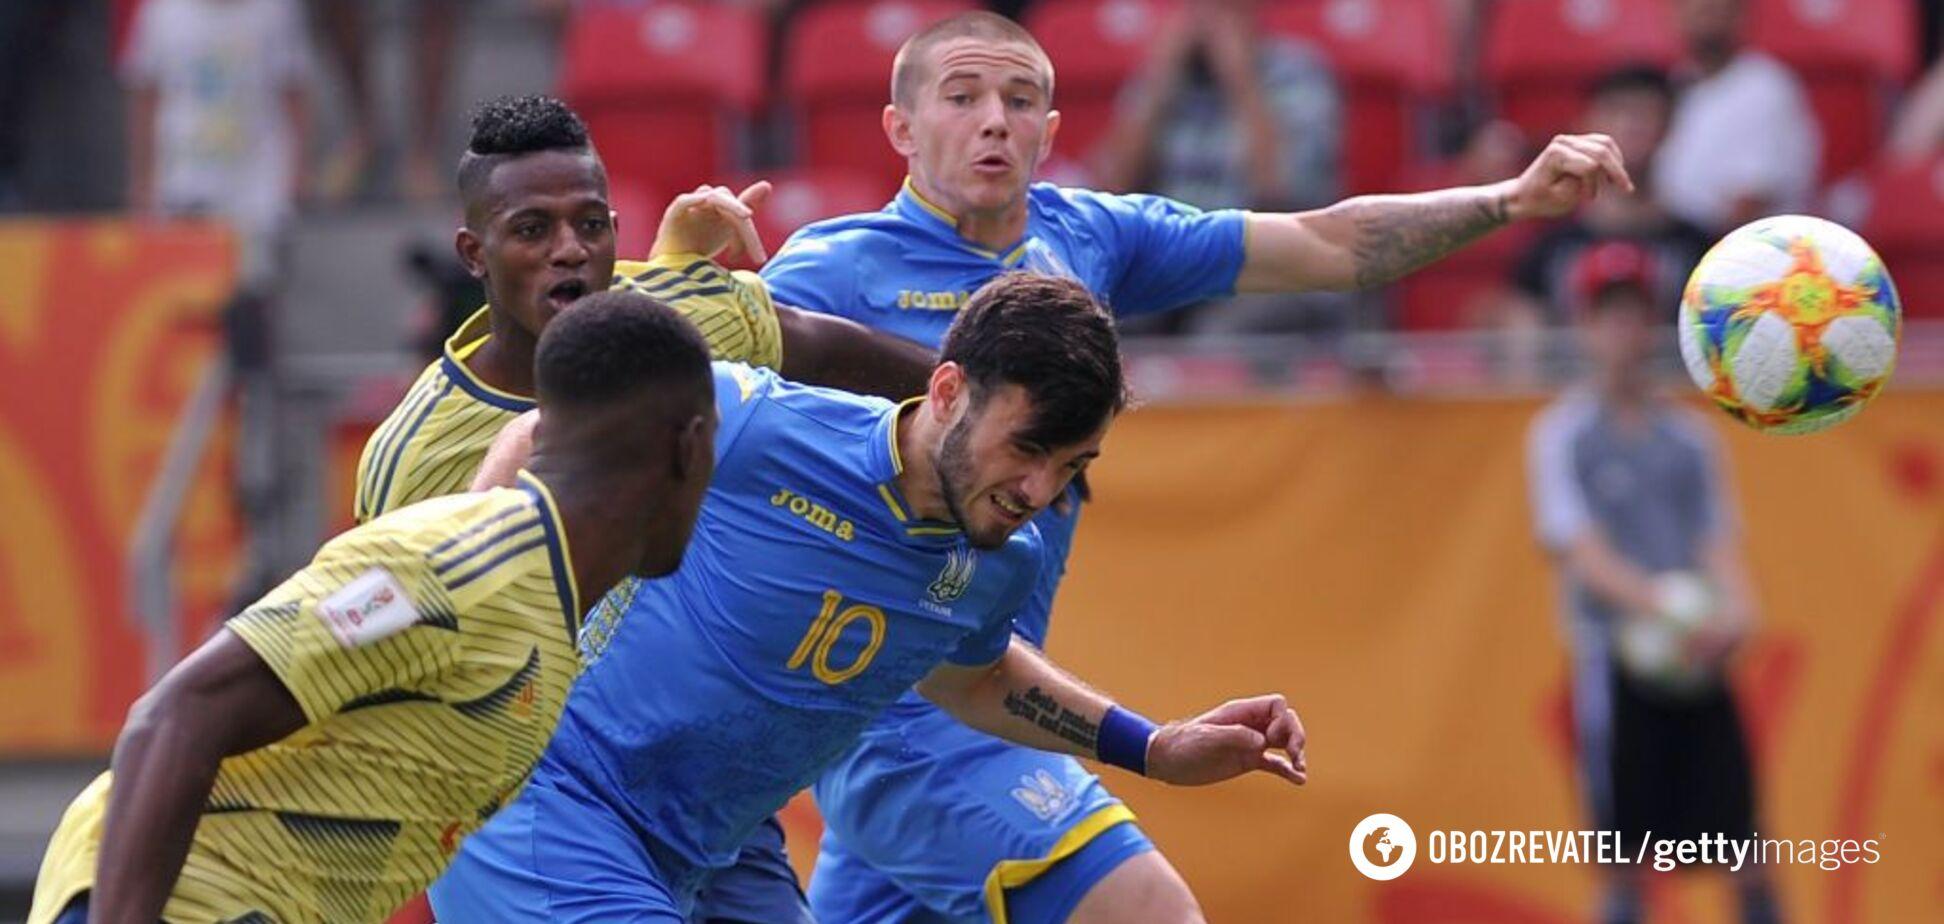 Україна – Італія: результат півфіналу ЧС з футболу U-20